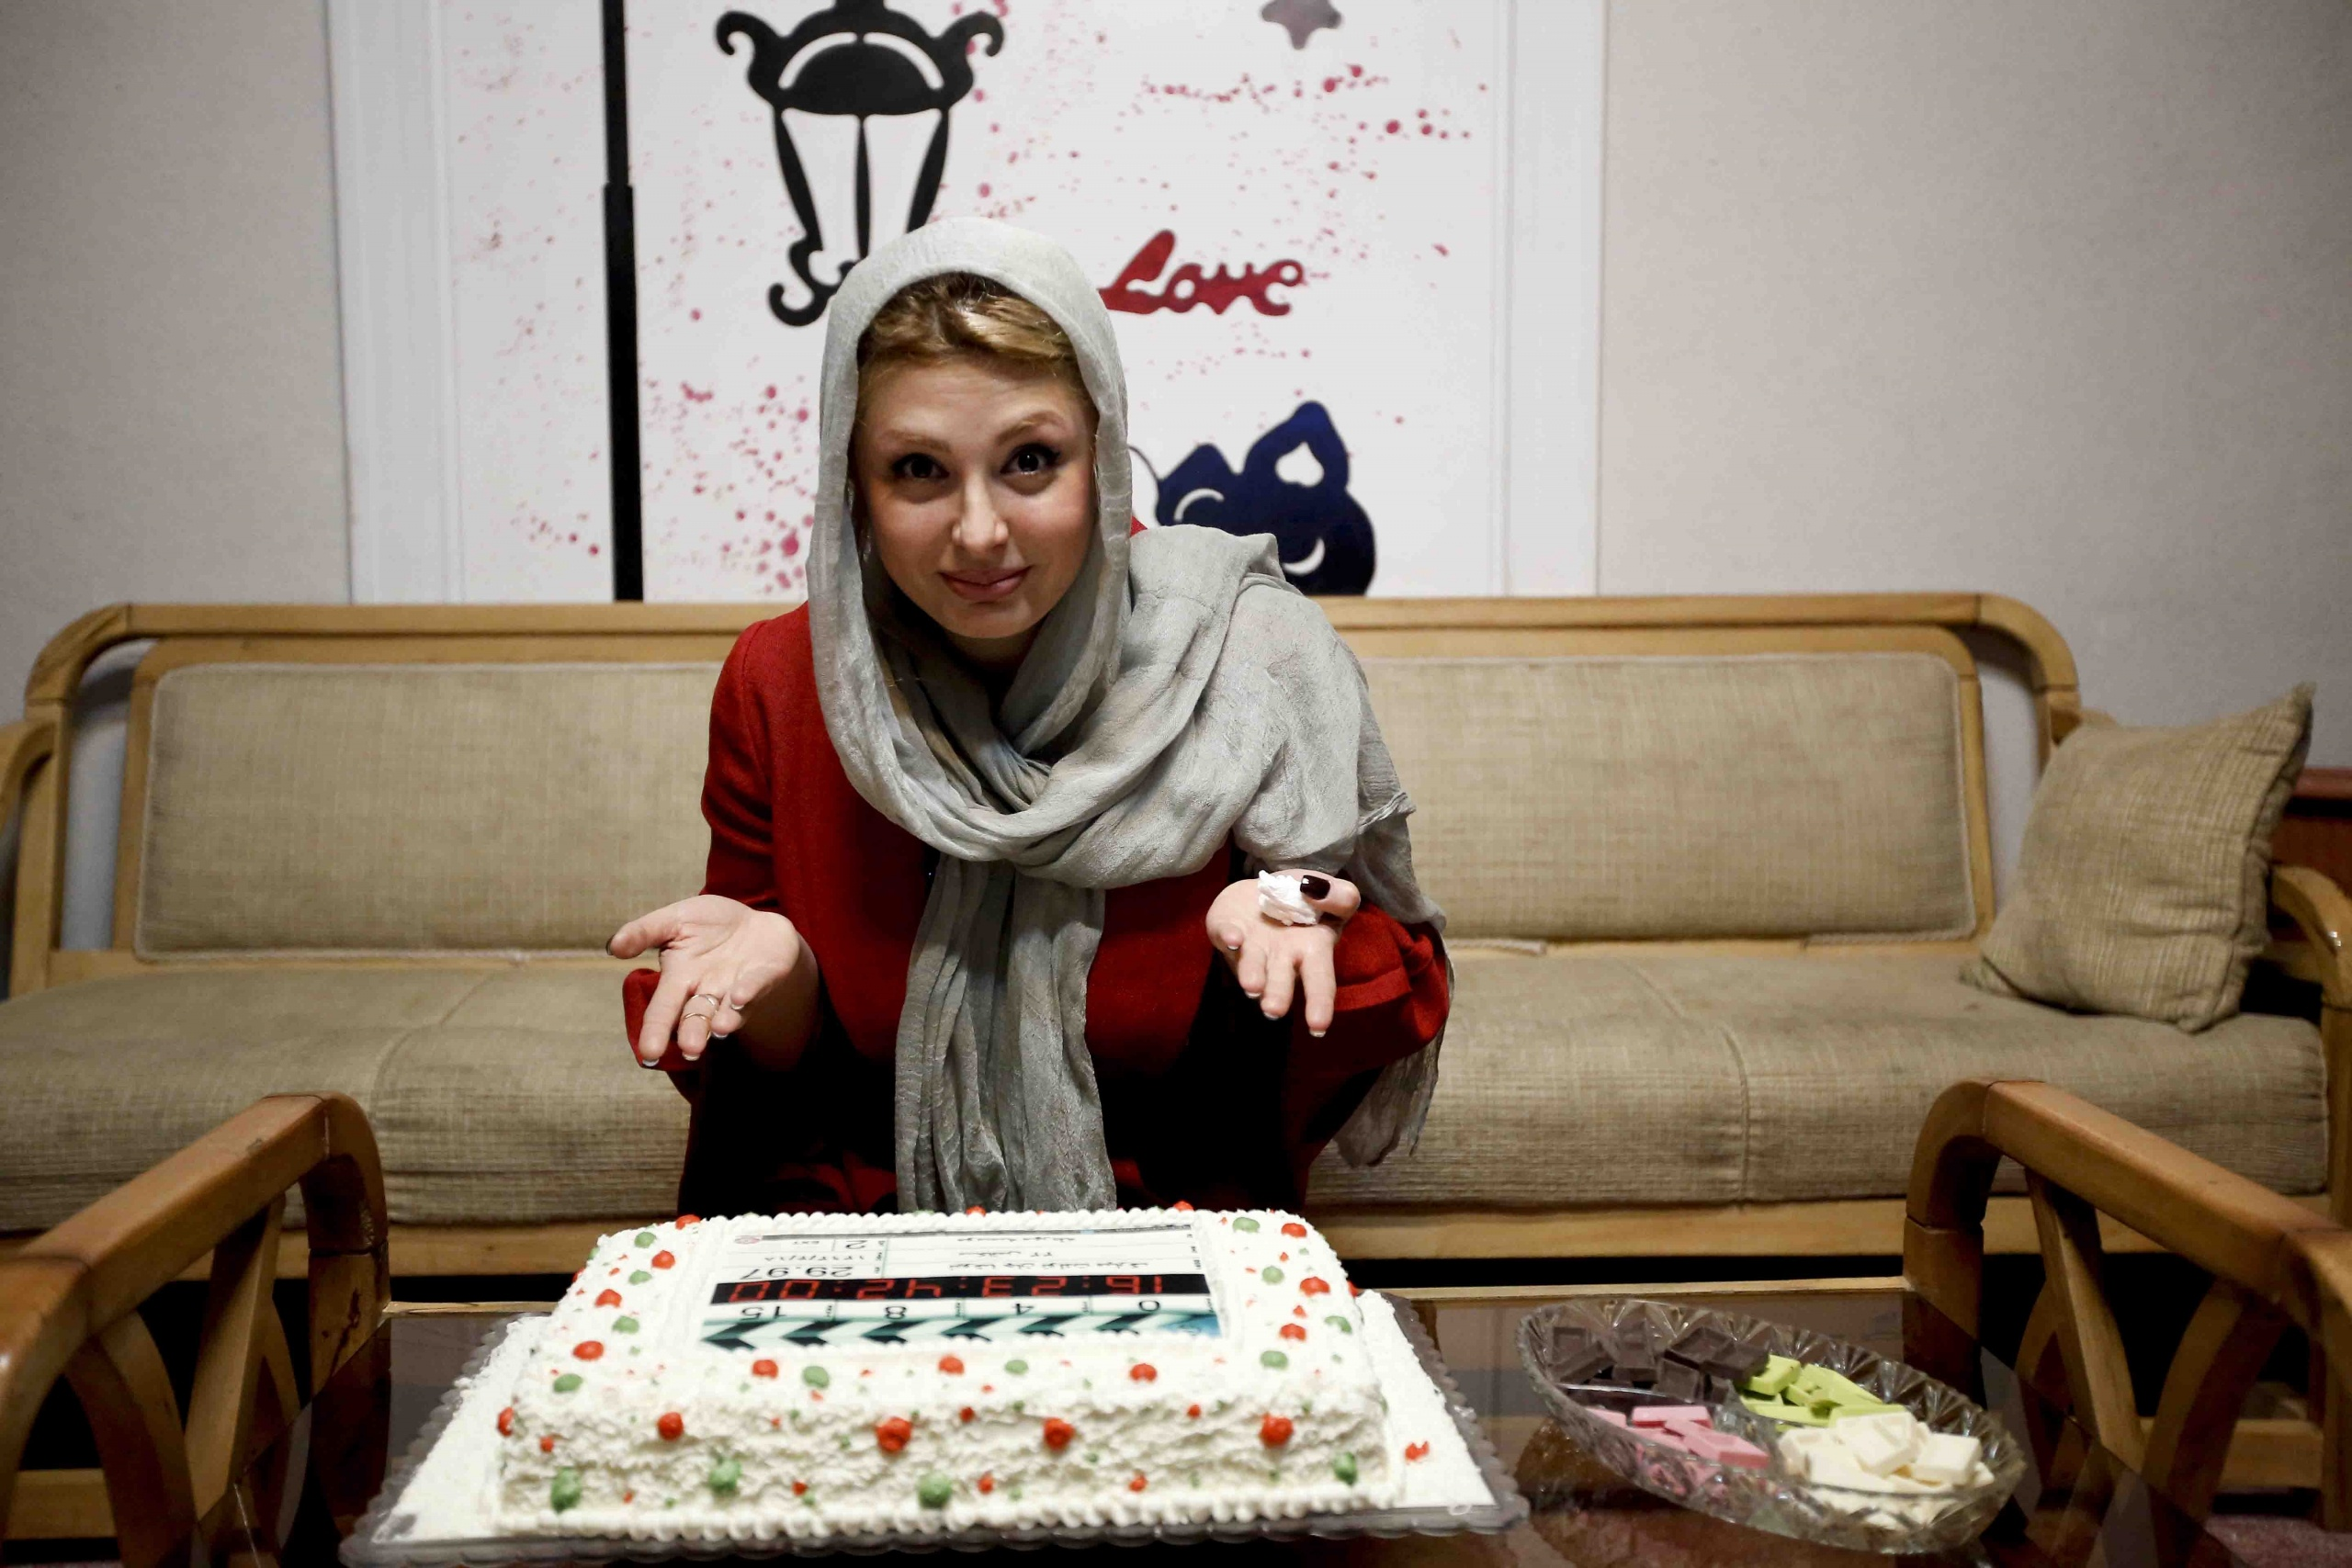 کیک تولد نیوشا ضیغمی در موسسه خیریه مهرطاها